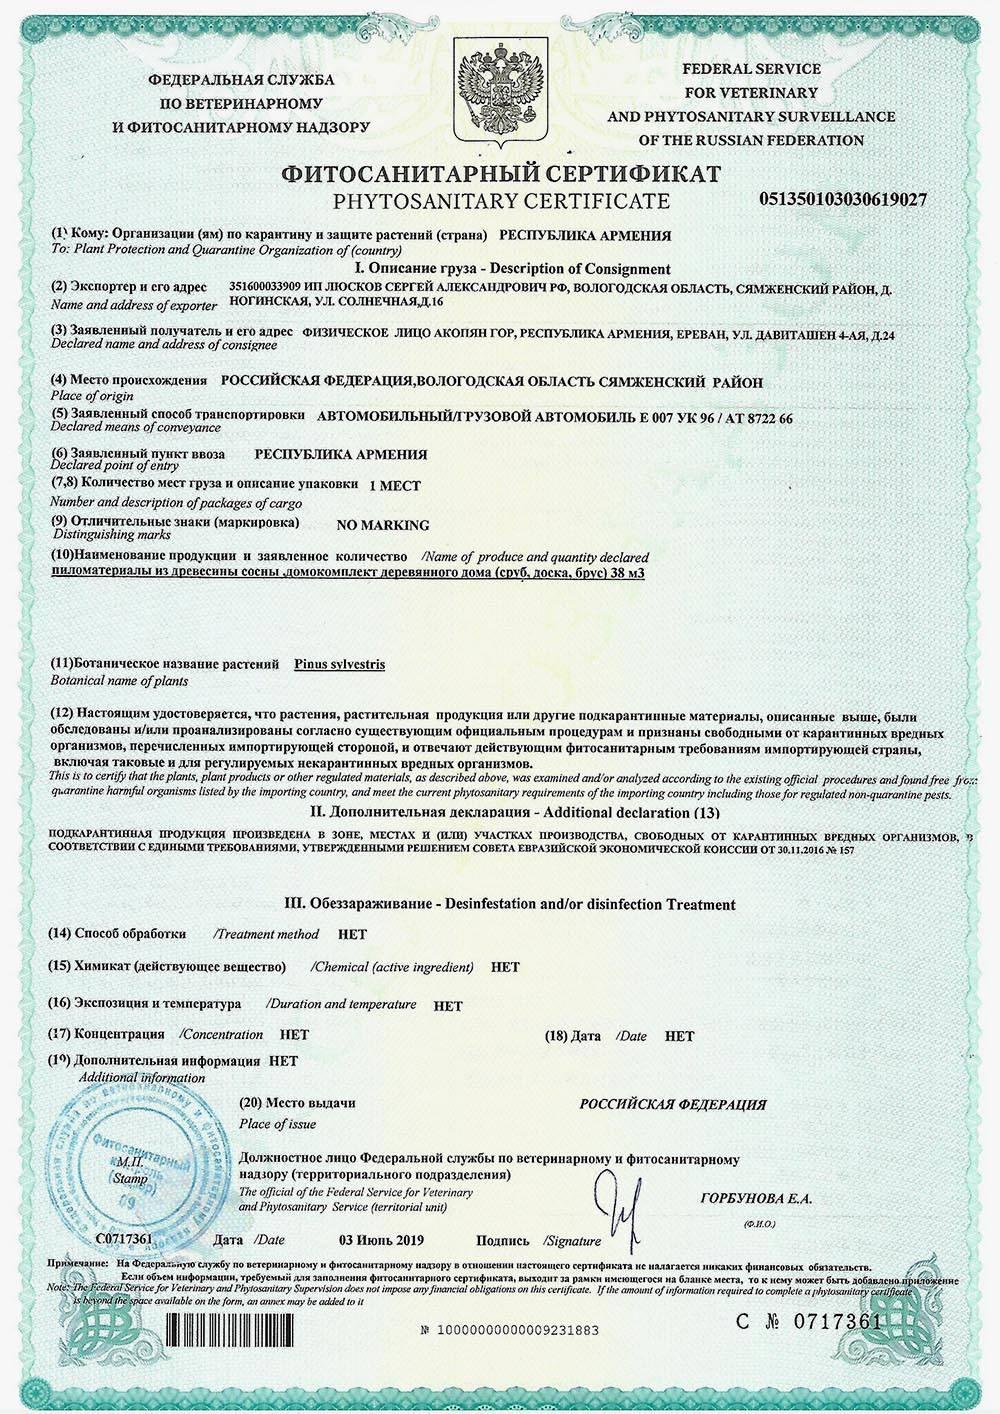 Фитосанитарный сертификат получают даже на продукцию из растений — как в этом примере с пиломатериалами. Фото: «Зимница»